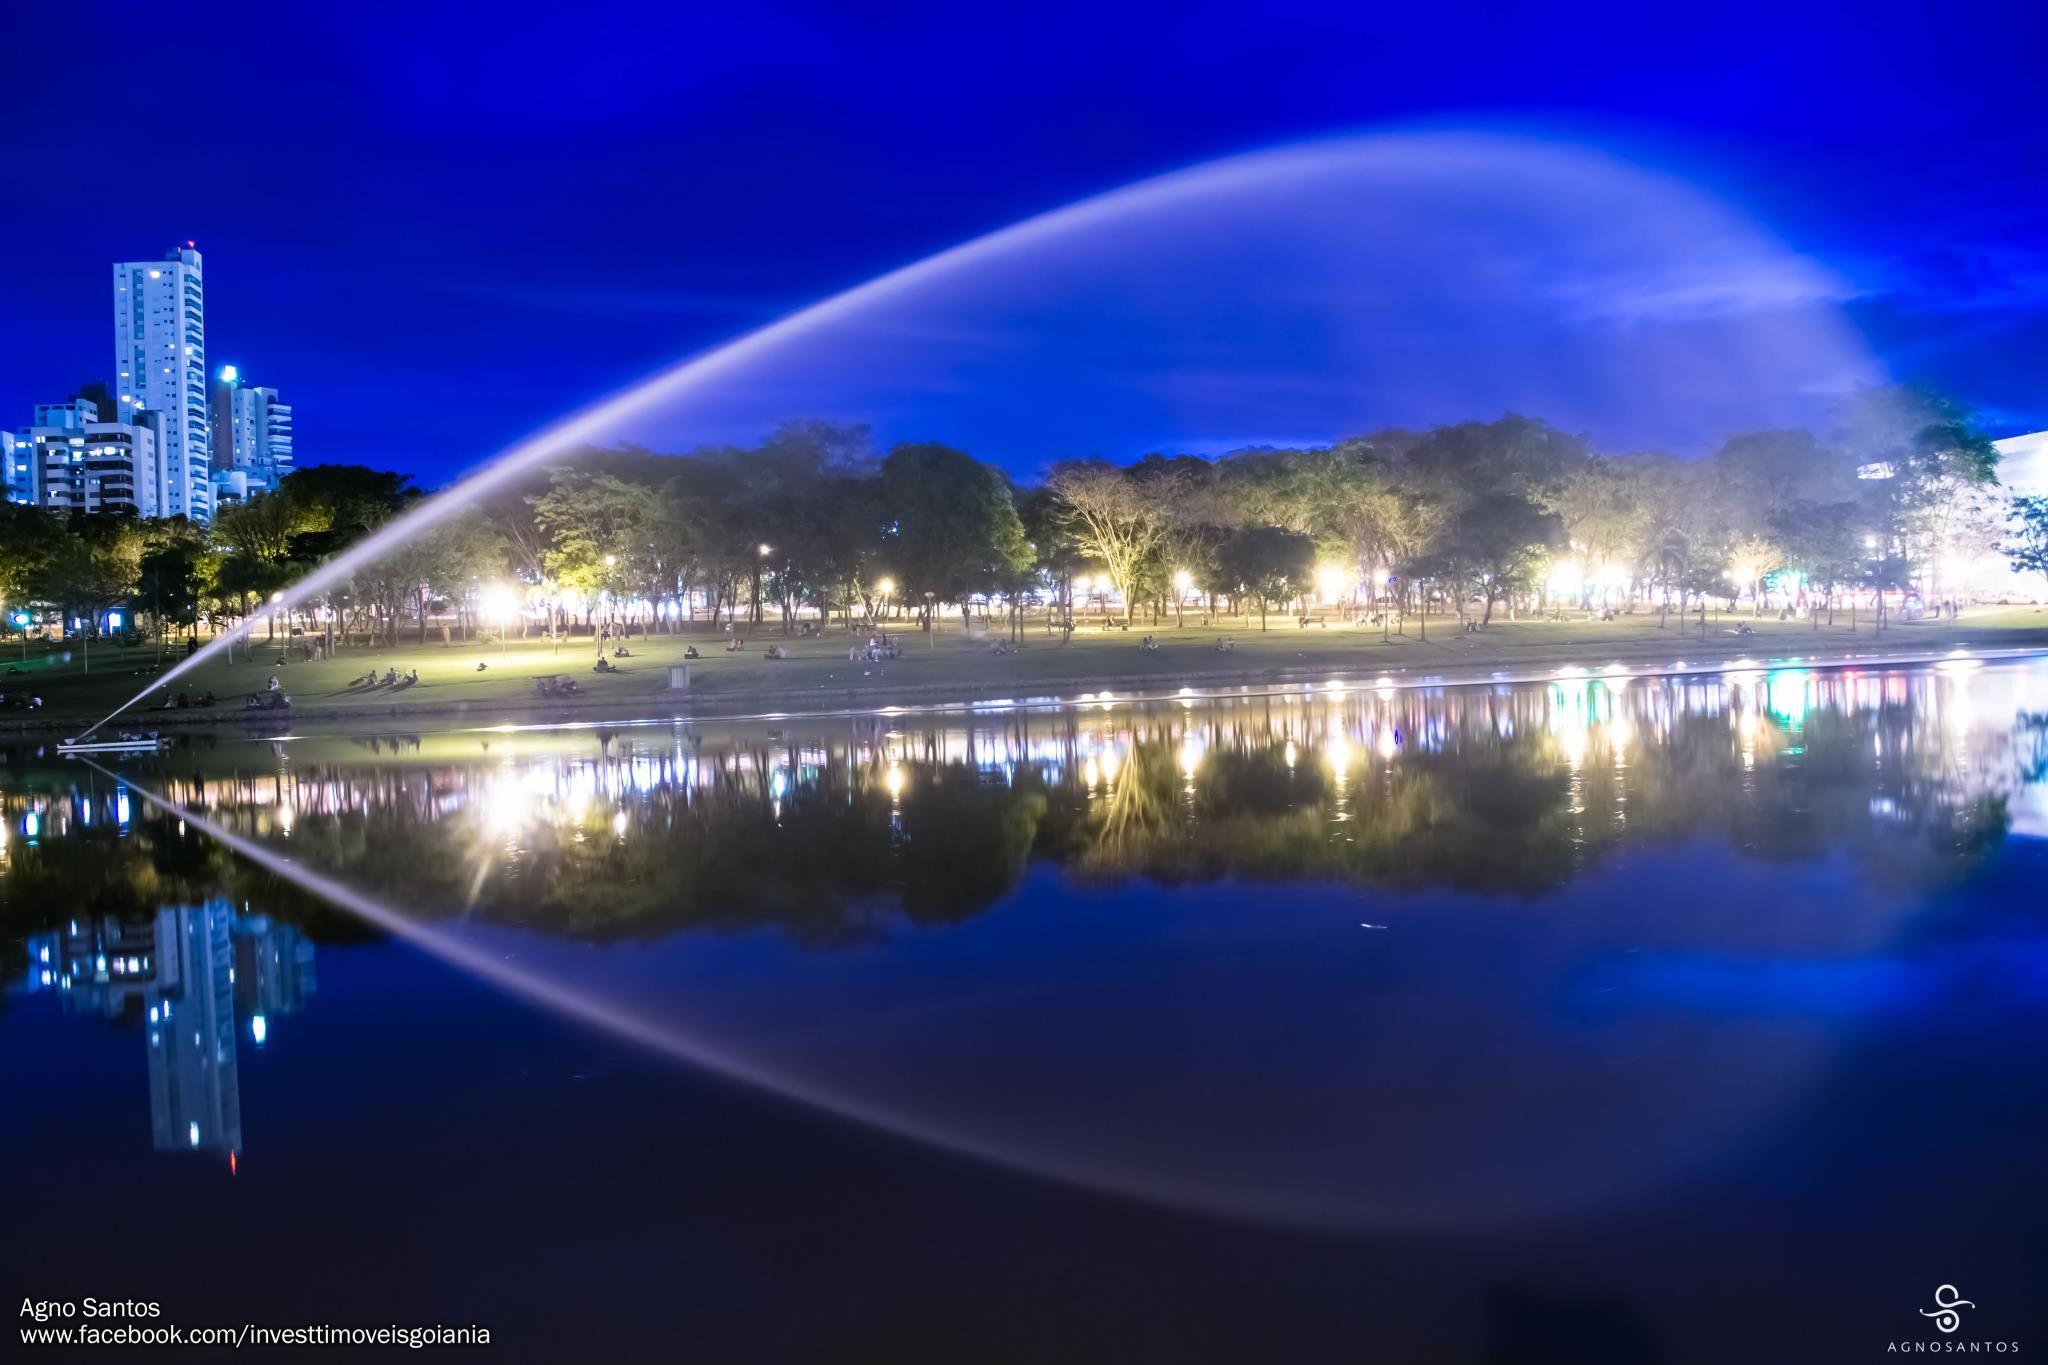 http://www.oigoiania.com.br Parque Vaca Brava em Goiânia